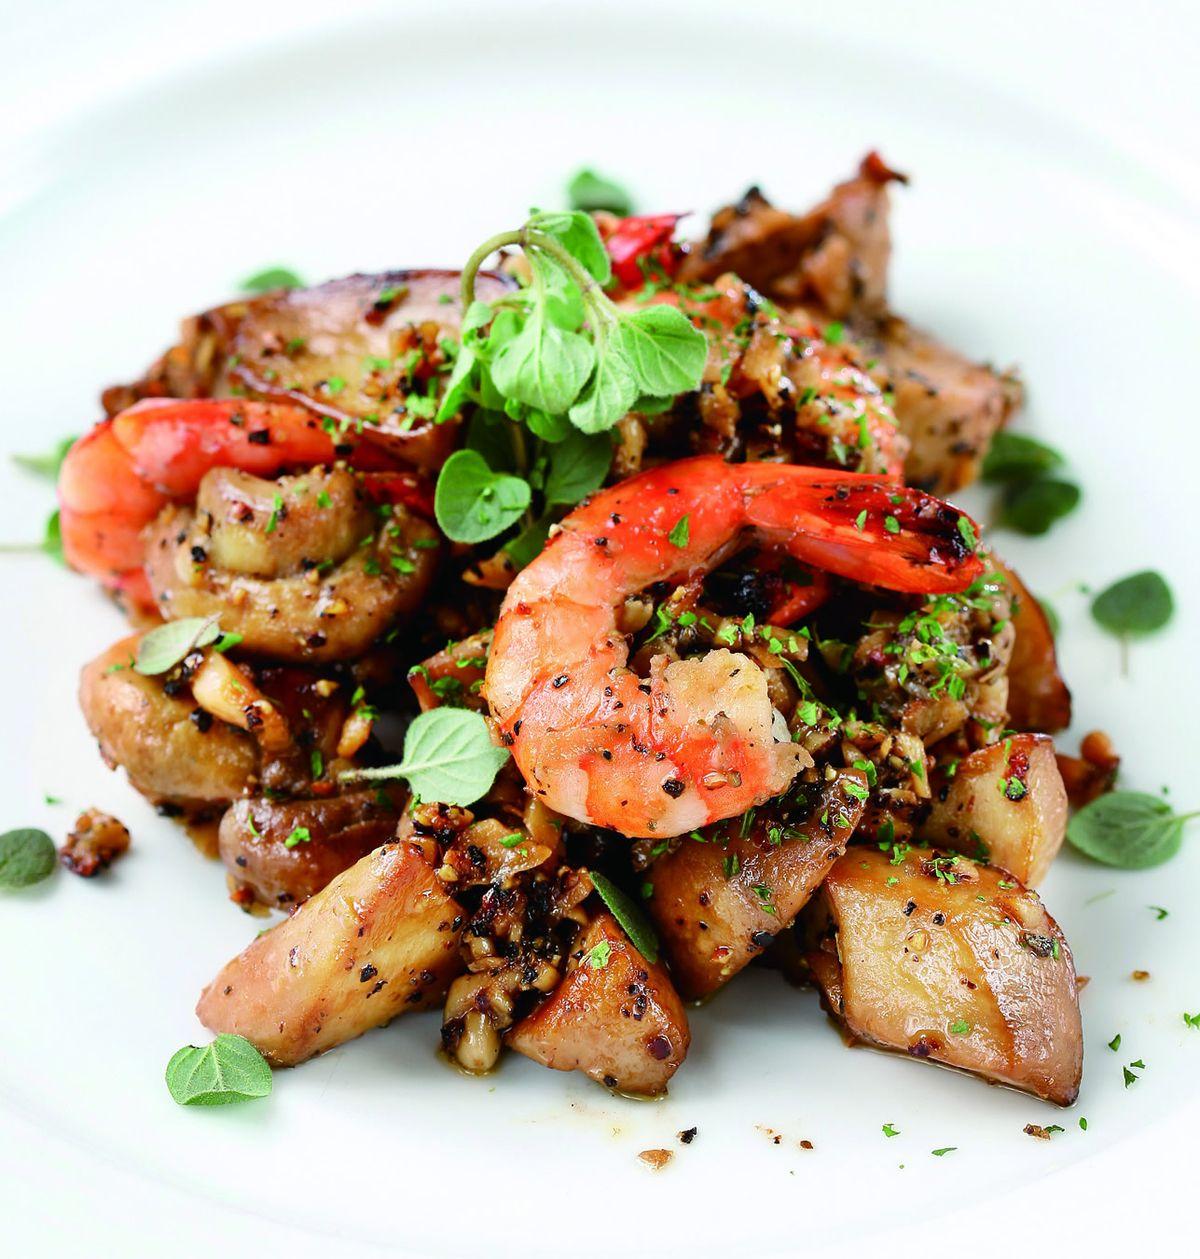 食譜:黑胡椒俄力岡蘑菇鮮蝦